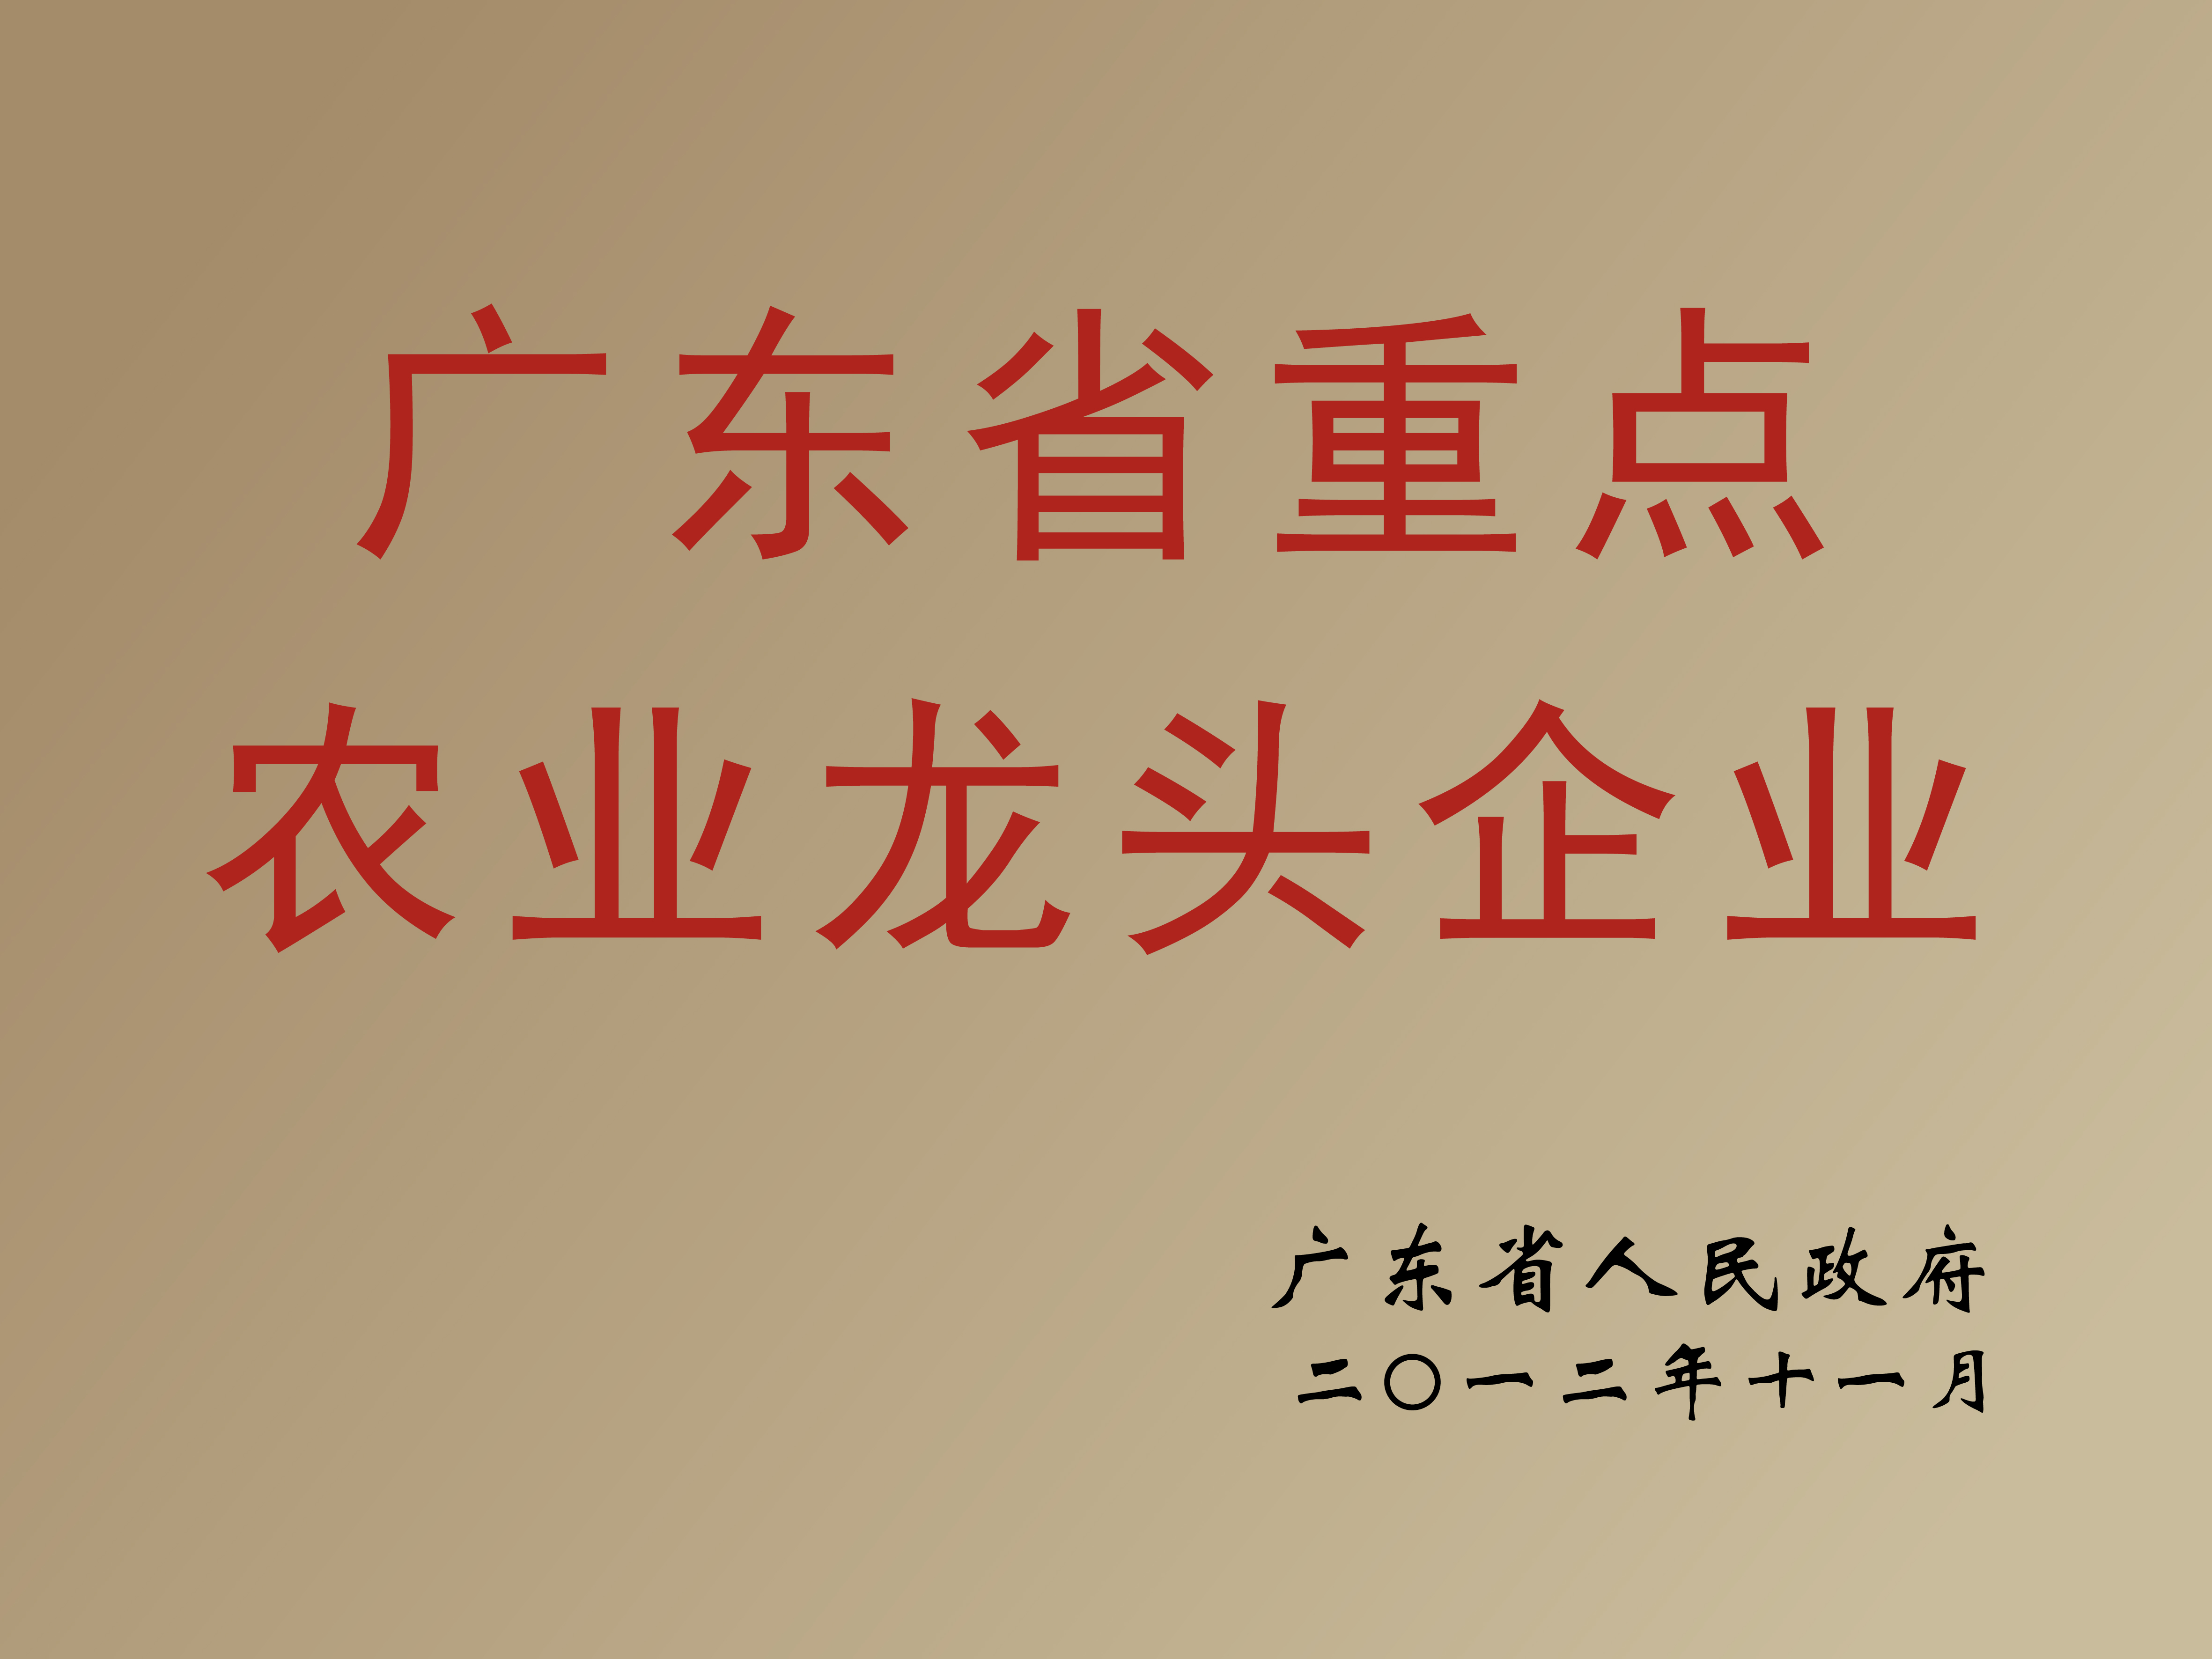 廣東省重點農業龍頭企業